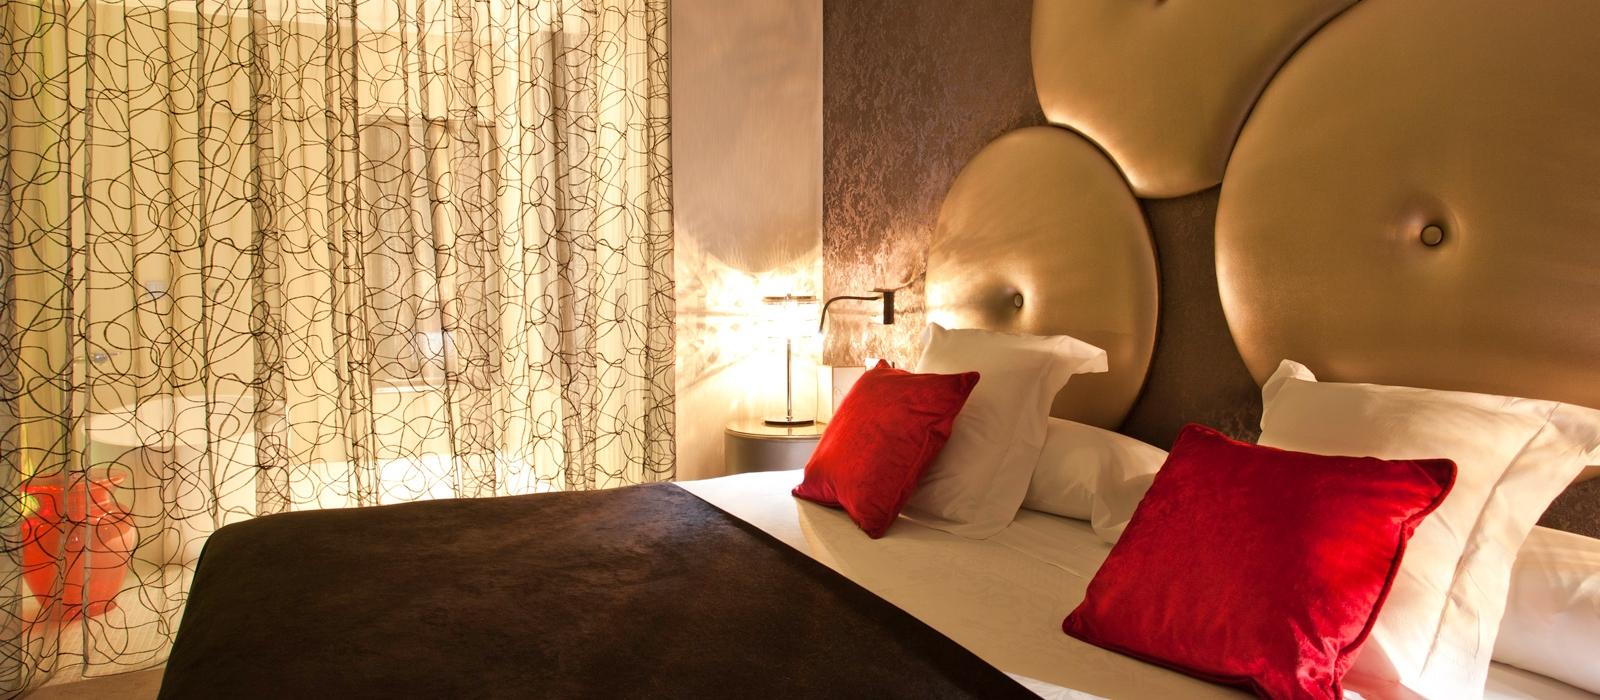 Habitaciones Hotel Madrid Capitol - Vincci Hoteles - Habitación Fila 5